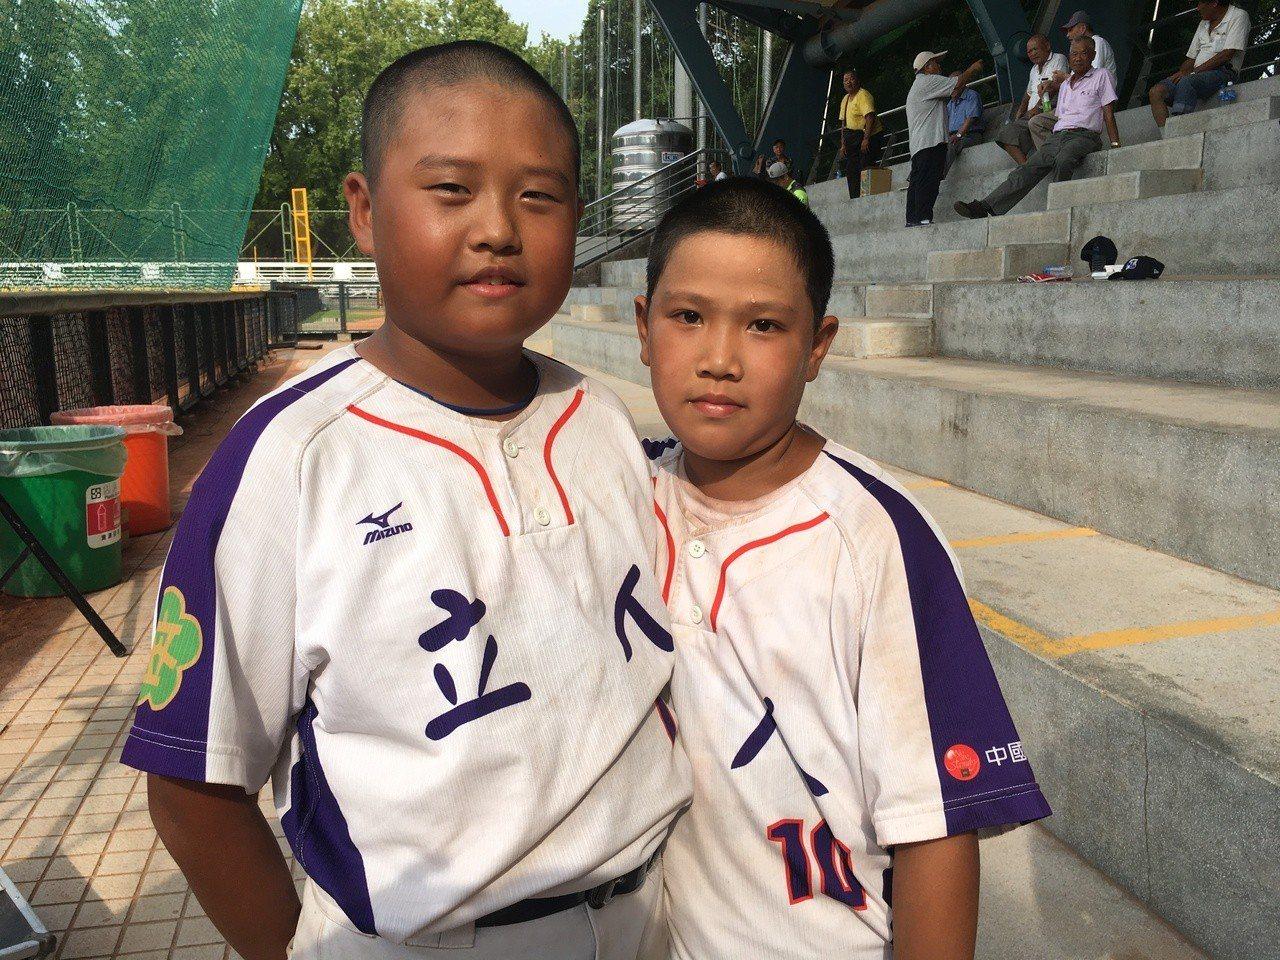 台南市立人國小投捕搭檔蔡均祥(左)郭秉叡(右)。記者葉姵妤/攝影